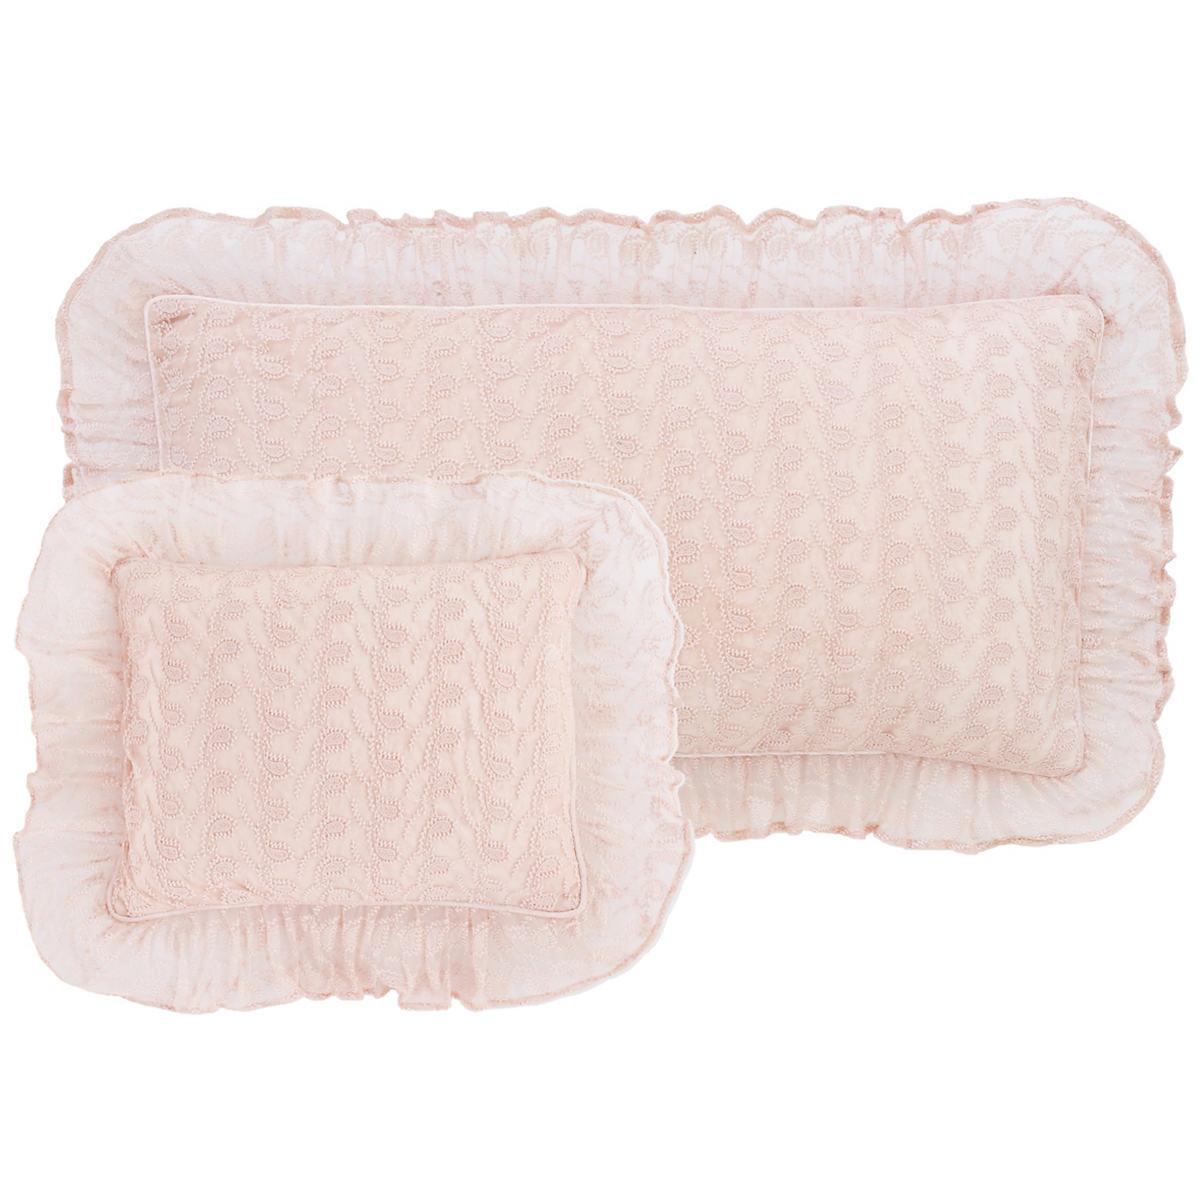 Colette Lace Slipper Pink Decorative Pillow